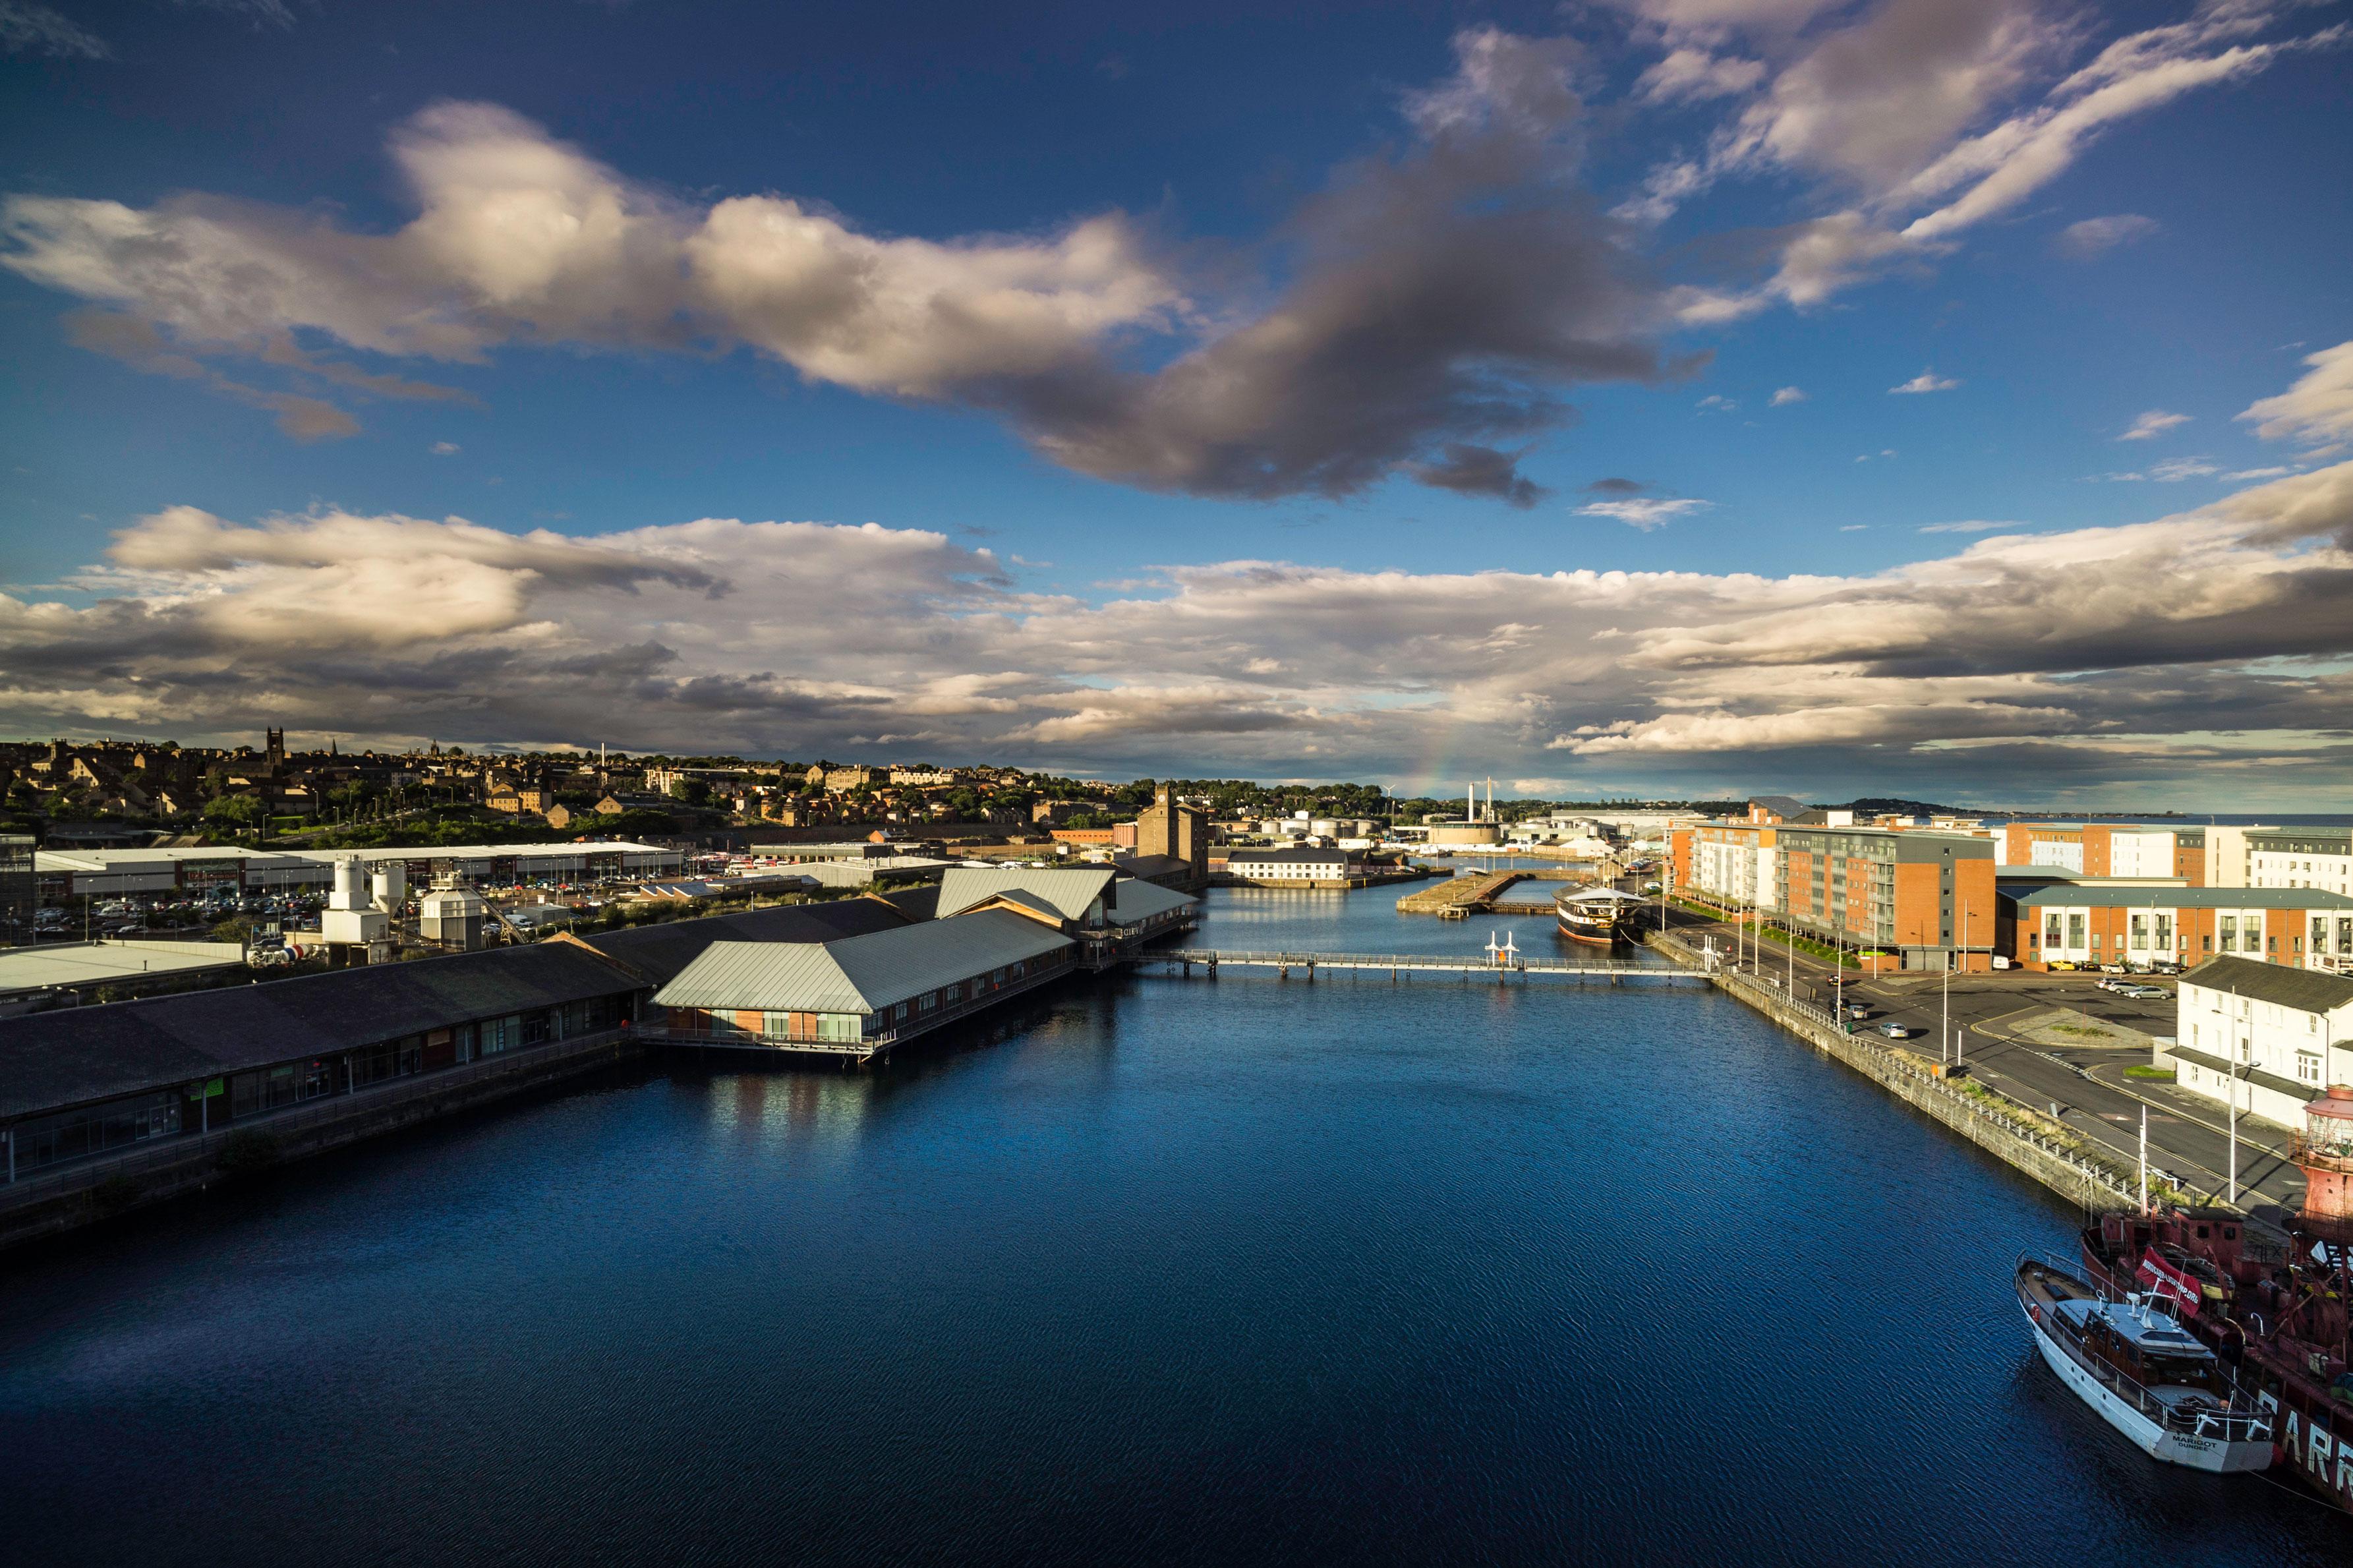 Apex City Quay Dundee